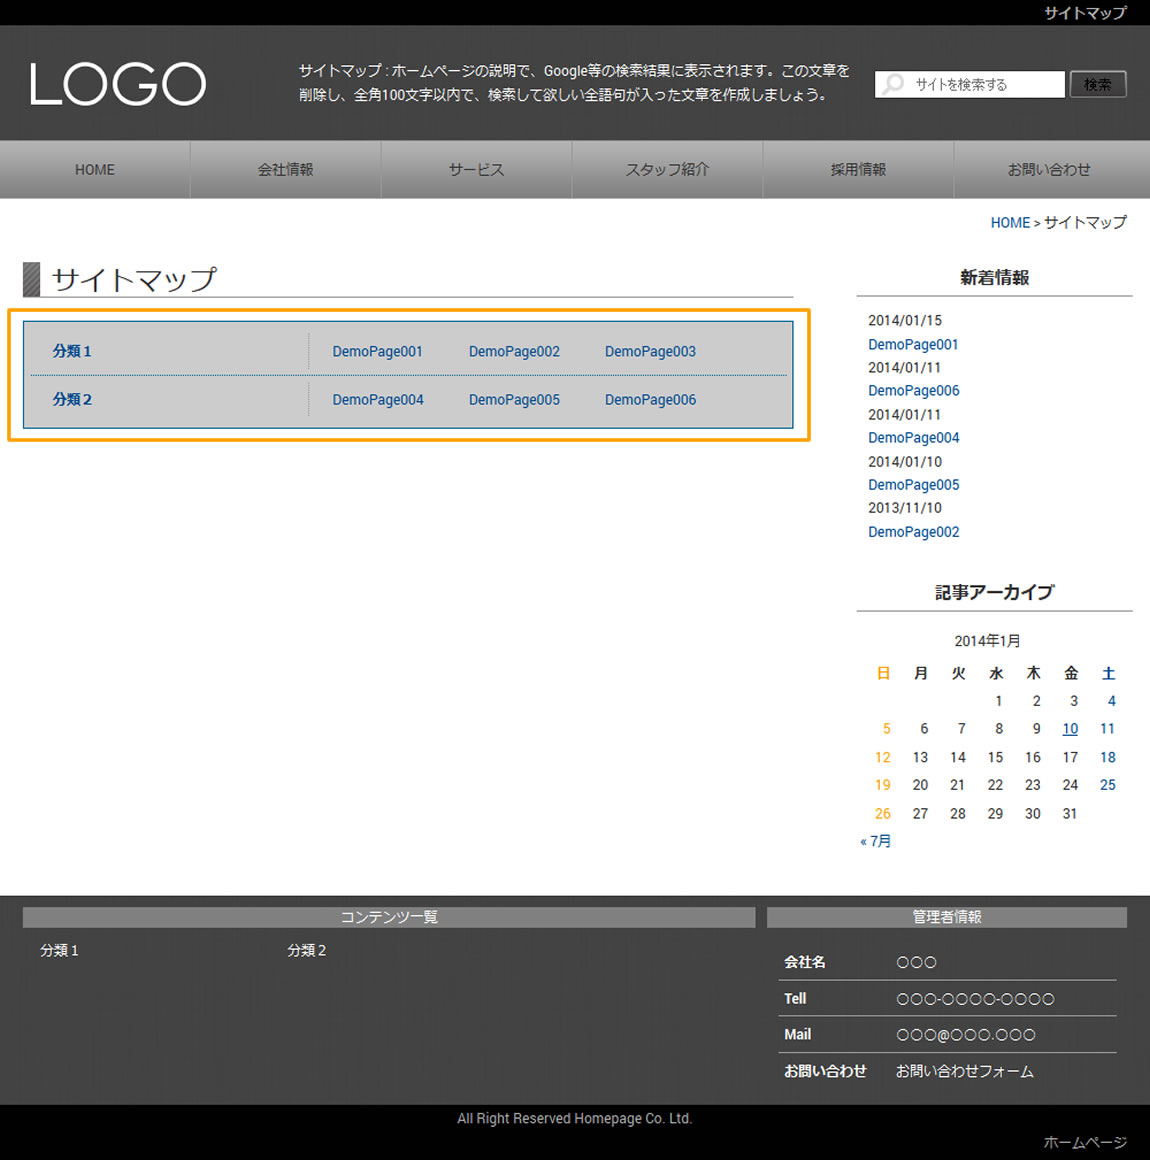 CSSマニュアル:表形式レイアウト[サイトマップ] 使用例 - 背景色の変更とborderを利用したデザイン